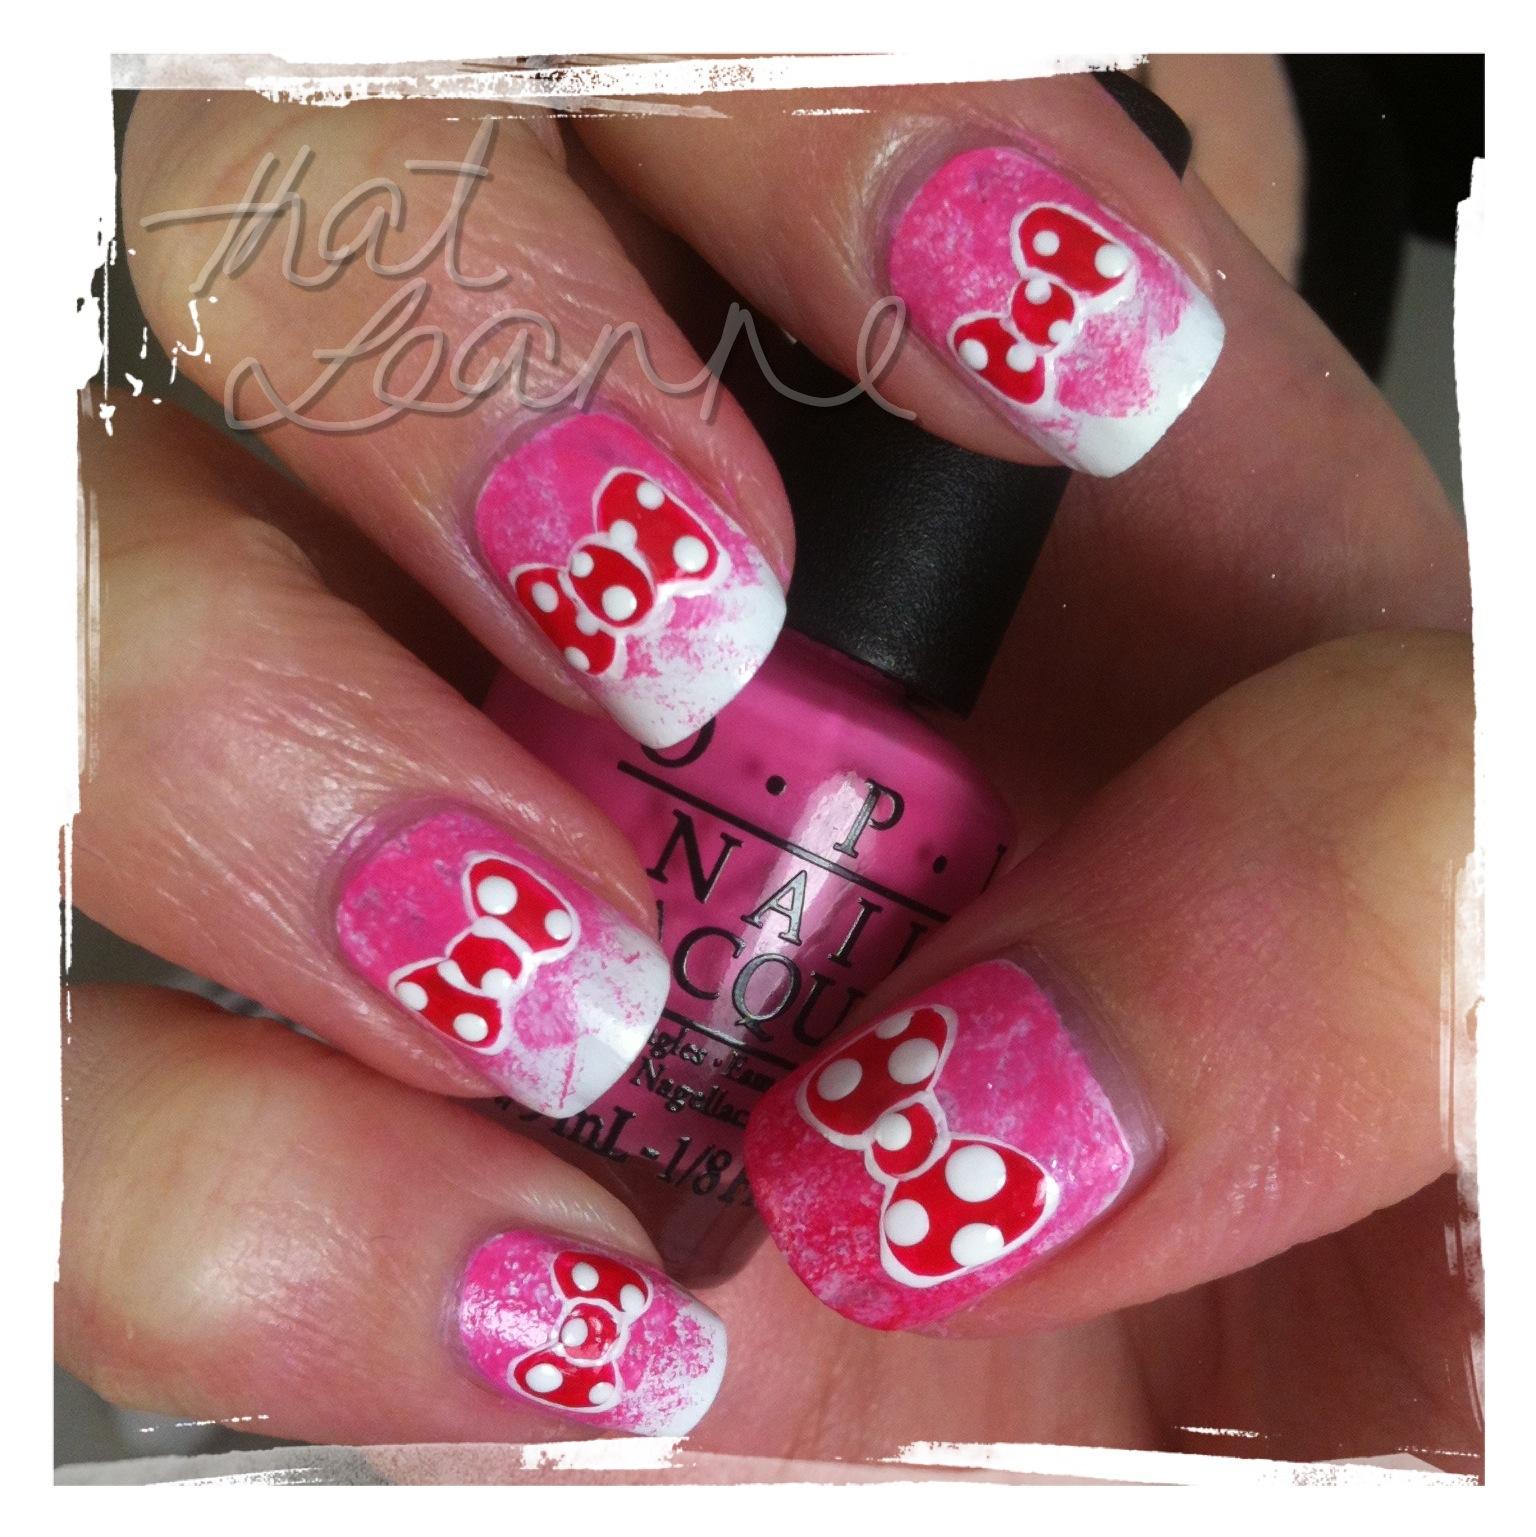 Minnie Mouse Bow Nail Art thatleanne: Minnie Mou...